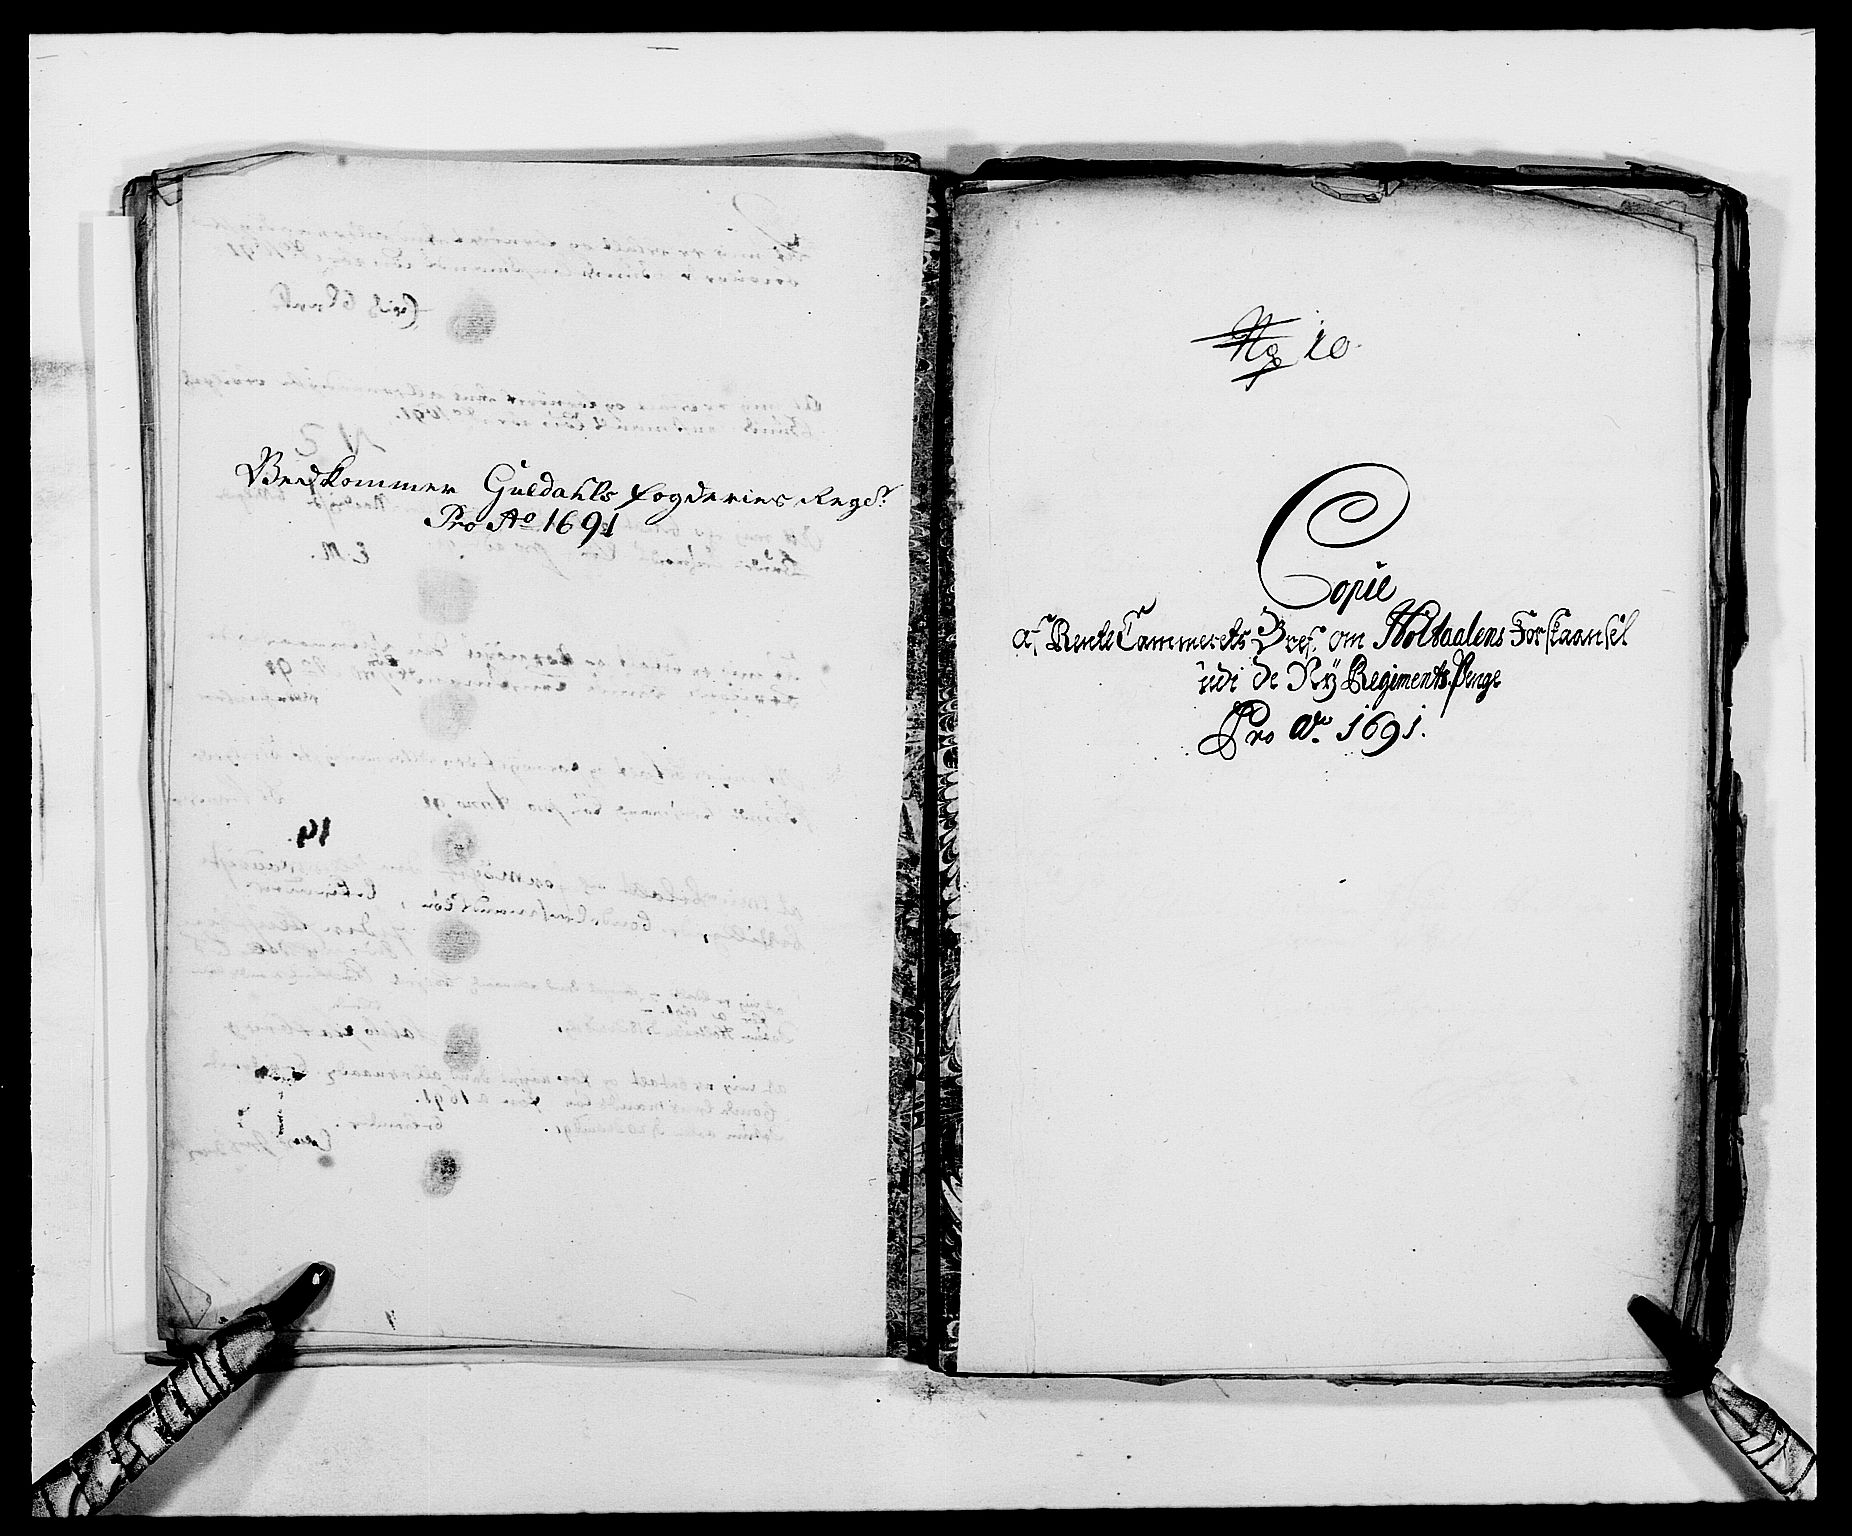 RA, Rentekammeret inntil 1814, Reviderte regnskaper, Fogderegnskap, R59/L3941: Fogderegnskap Gauldal, 1691, s. 201